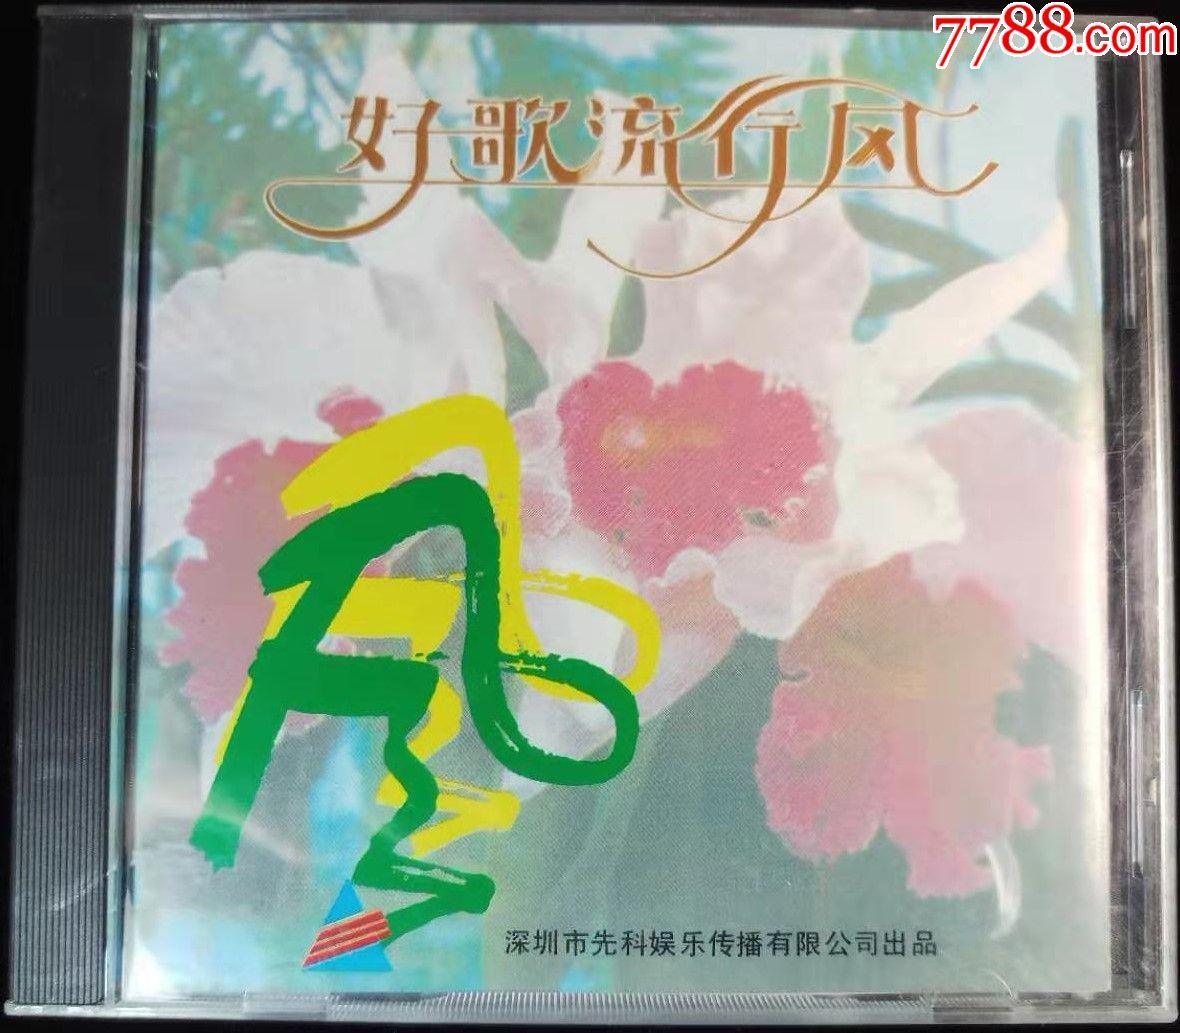 好歌流行风【银圈】(au19536750)_